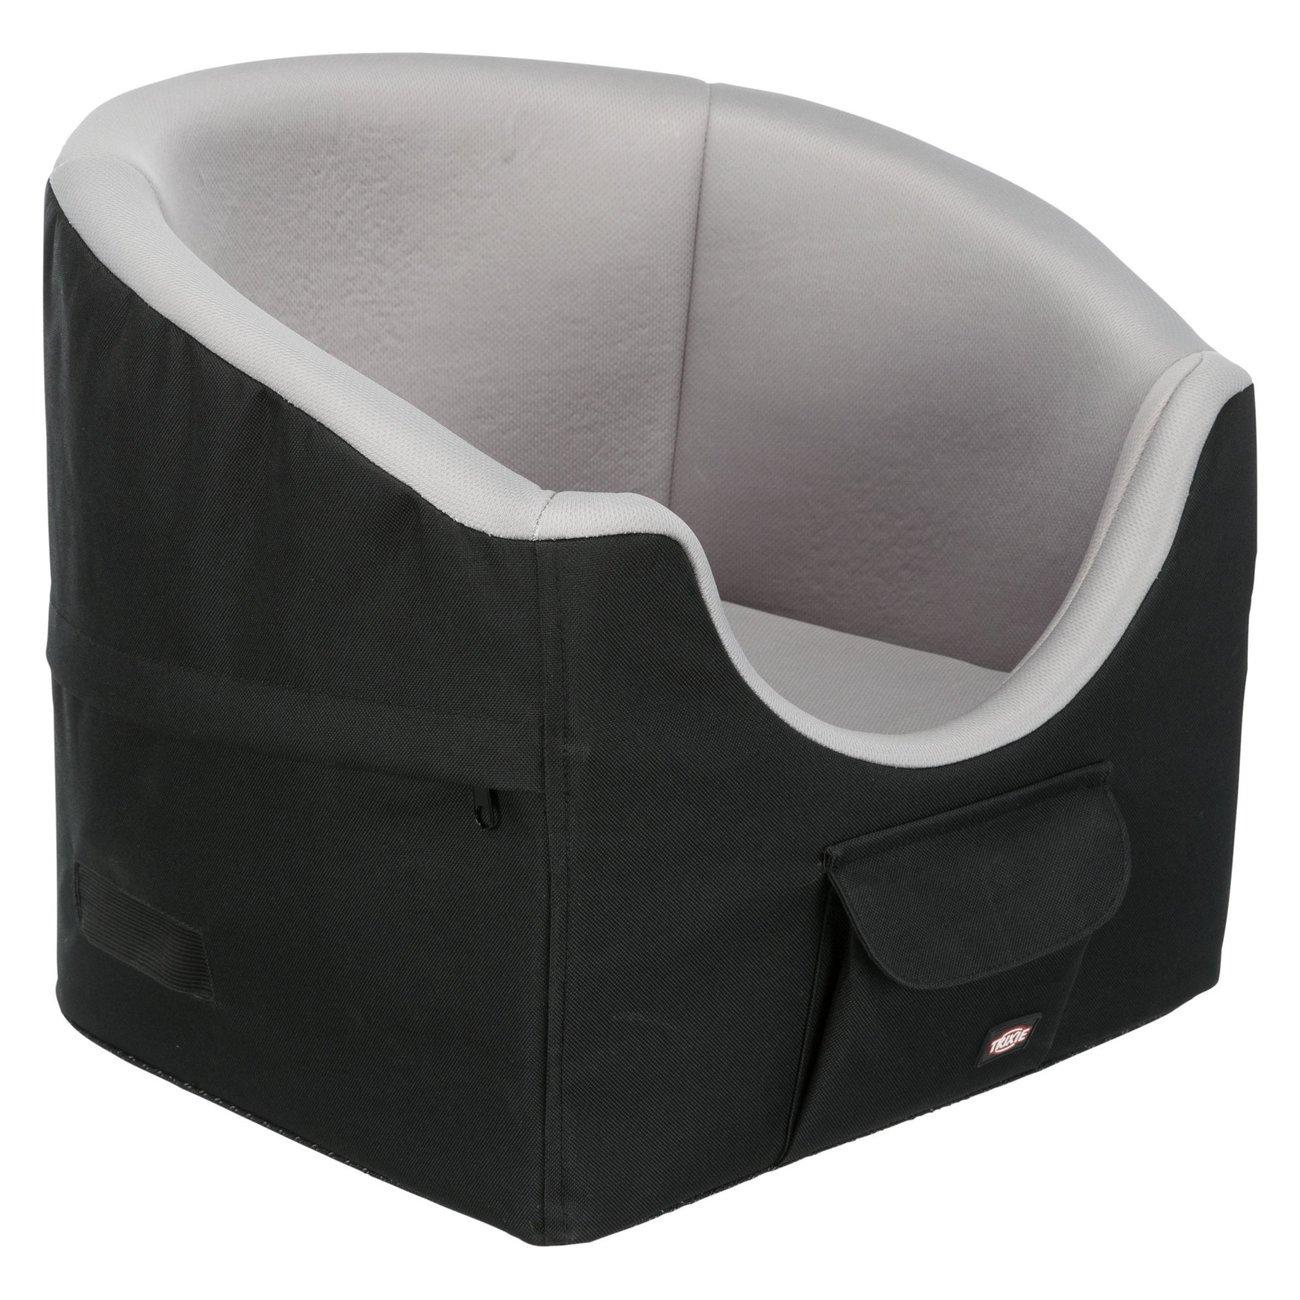 TRIXIE Autositz für kleine Hunde bis 8 kg 13176